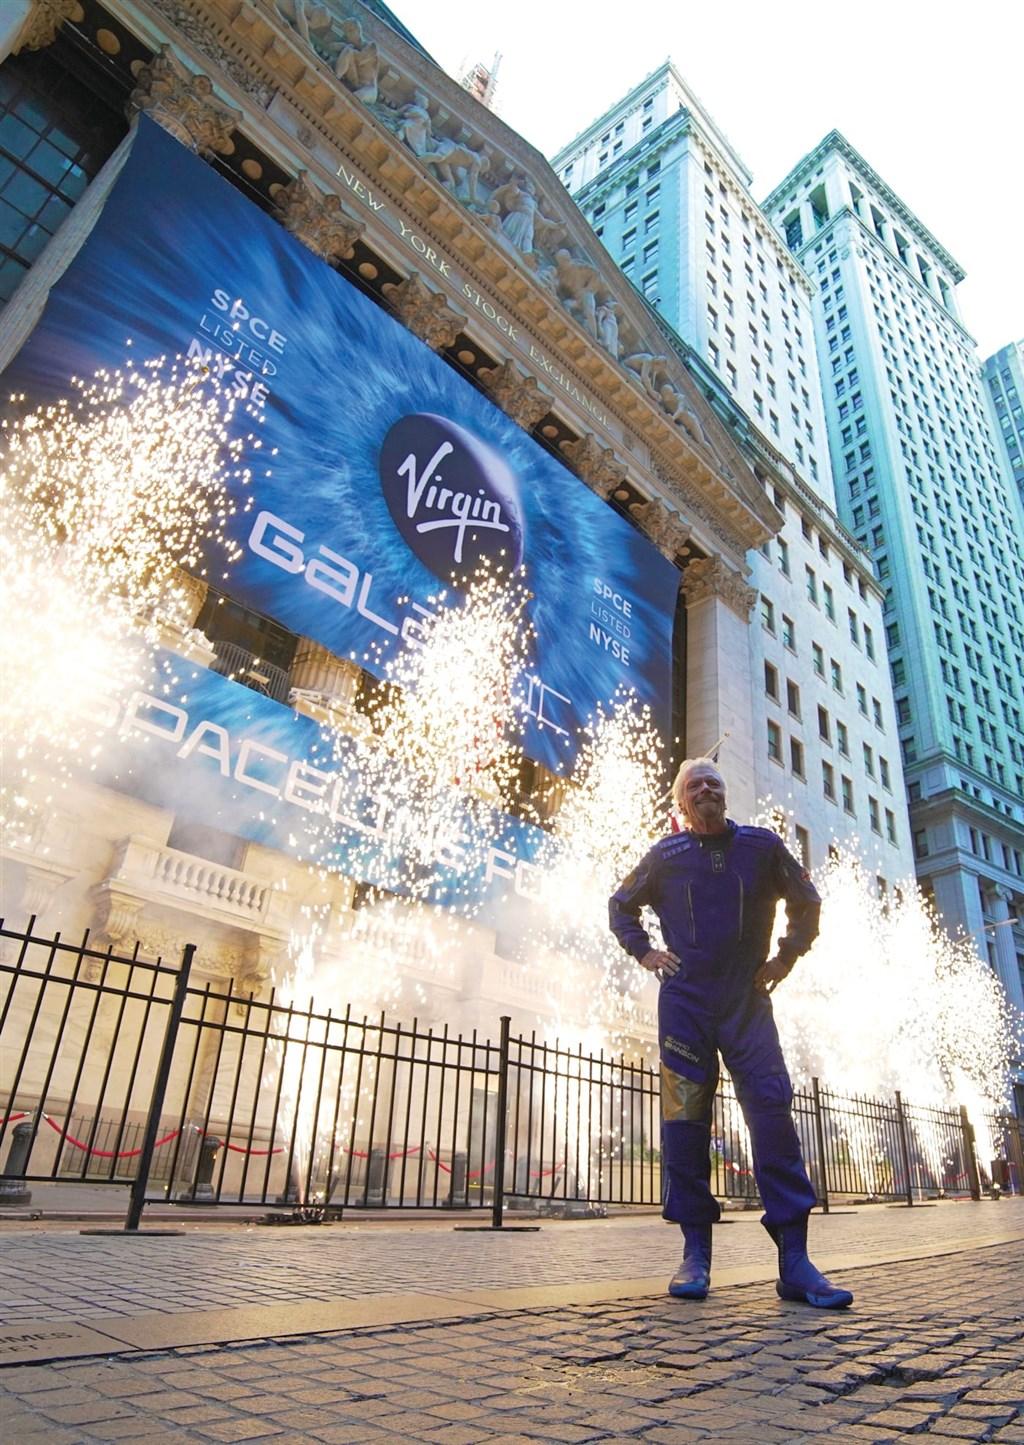 維珍銀河公司28日在紐約證券交易所上市,公司創辦人布蘭森(圖)親自敲響交易鑼。(圖取自twitter.com/virgingalactic)